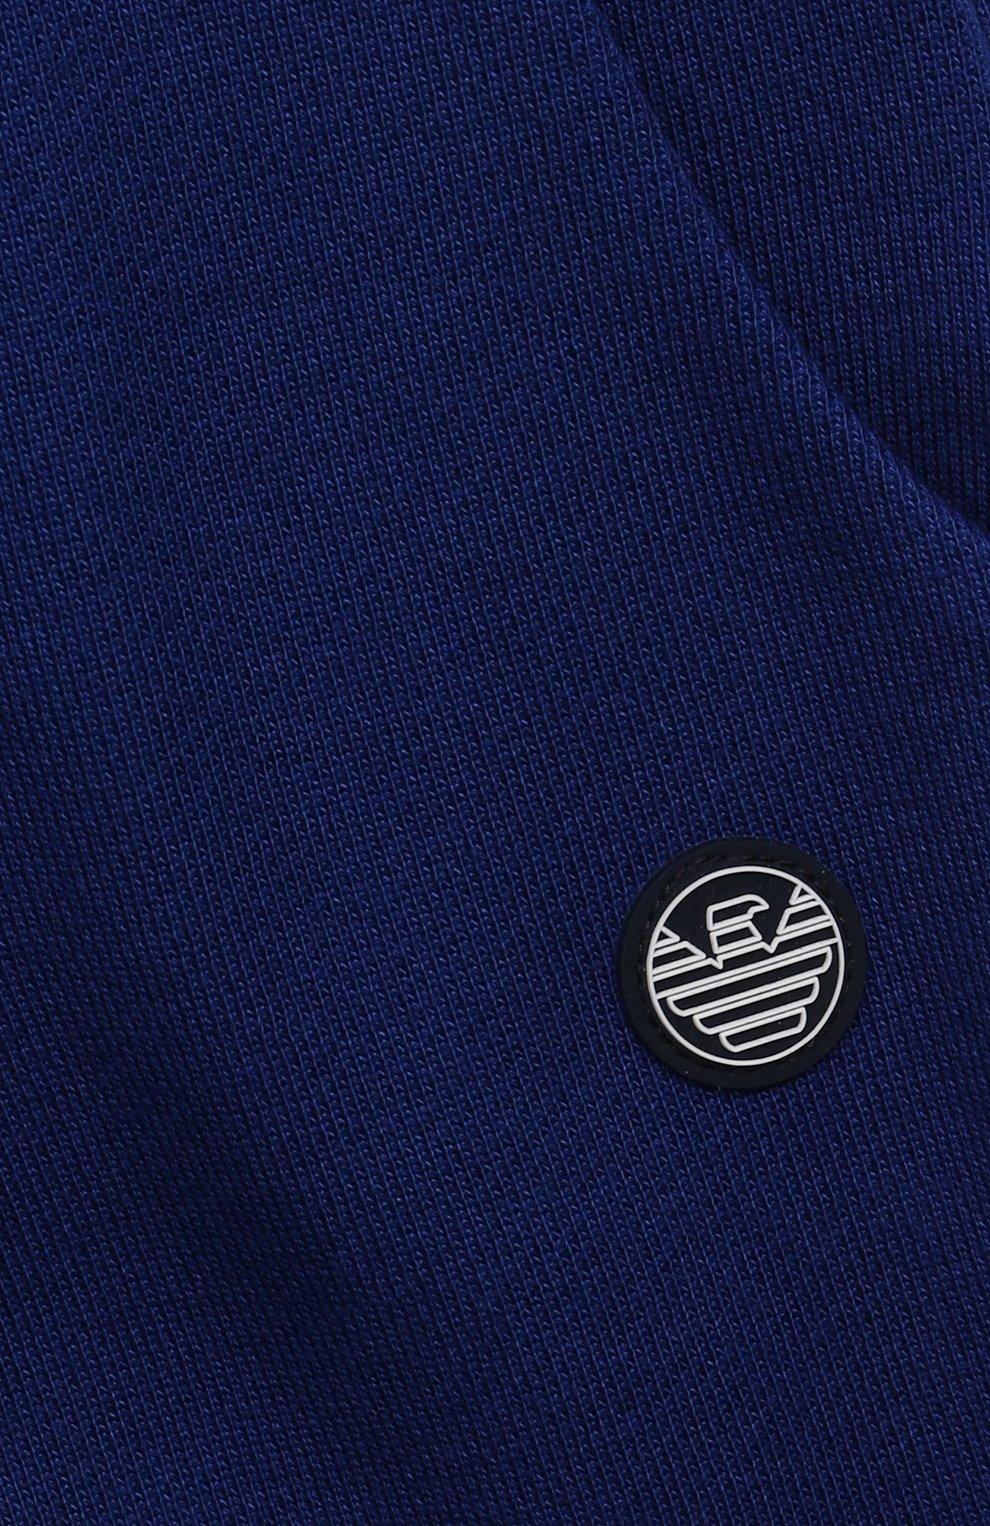 Детские джоггеры из вискозы и хлопка EMPORIO ARMANI синего цвета, арт. 3KHPJ6/4J4IZ   Фото 3